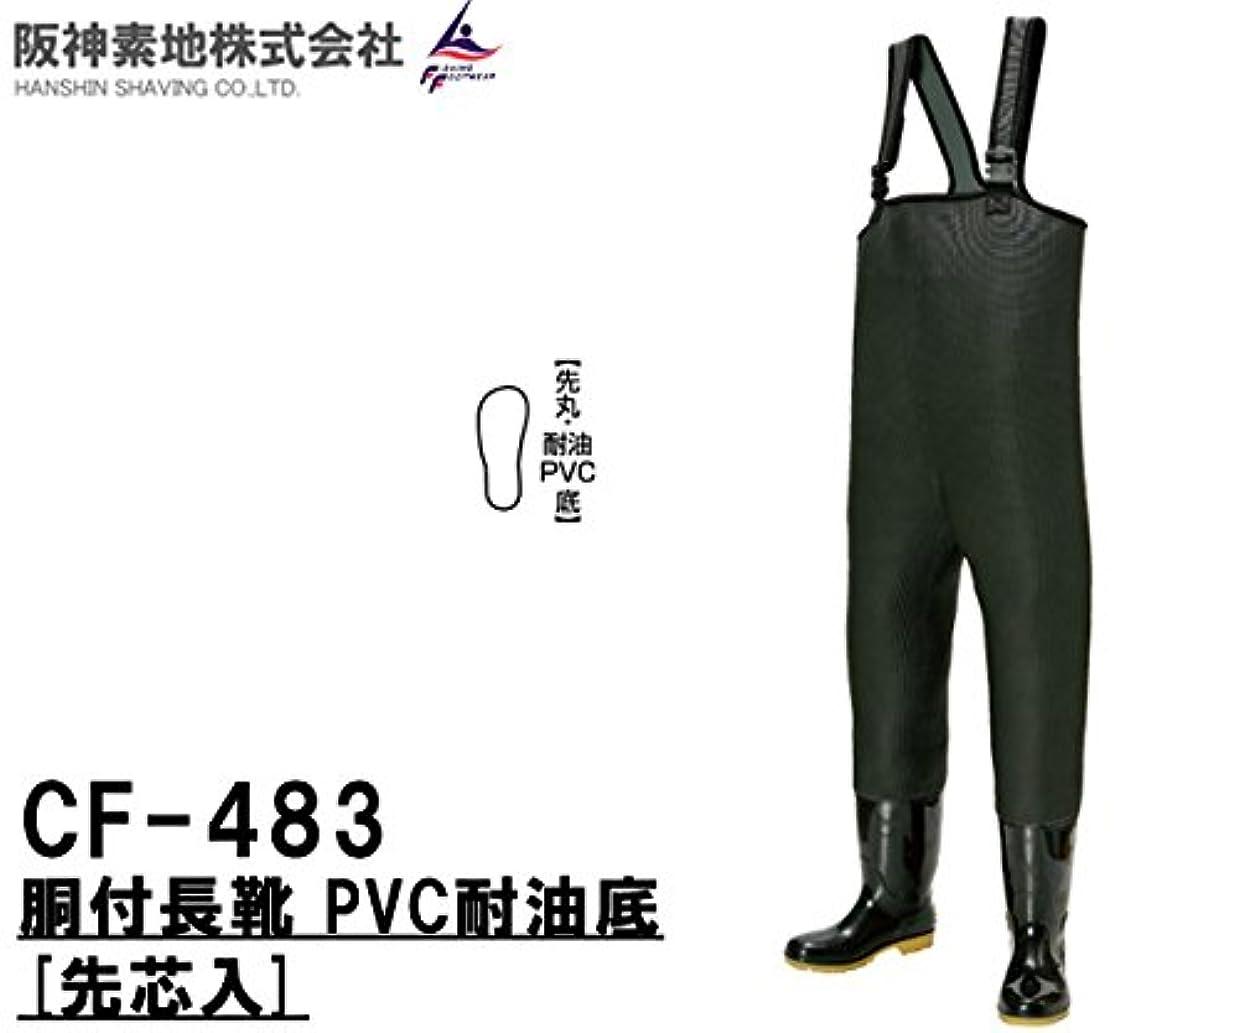 軌道医薬現実には阪神素地(ハンシンキジ) CF483 胴付長靴 PVC耐油底(先芯入) ウェーダー